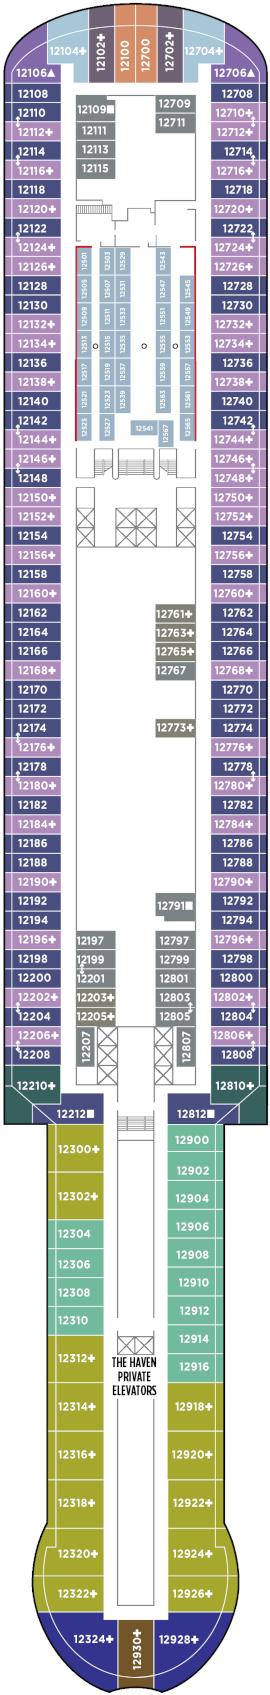 Norwegian Prima Deck 12 Deck Plan